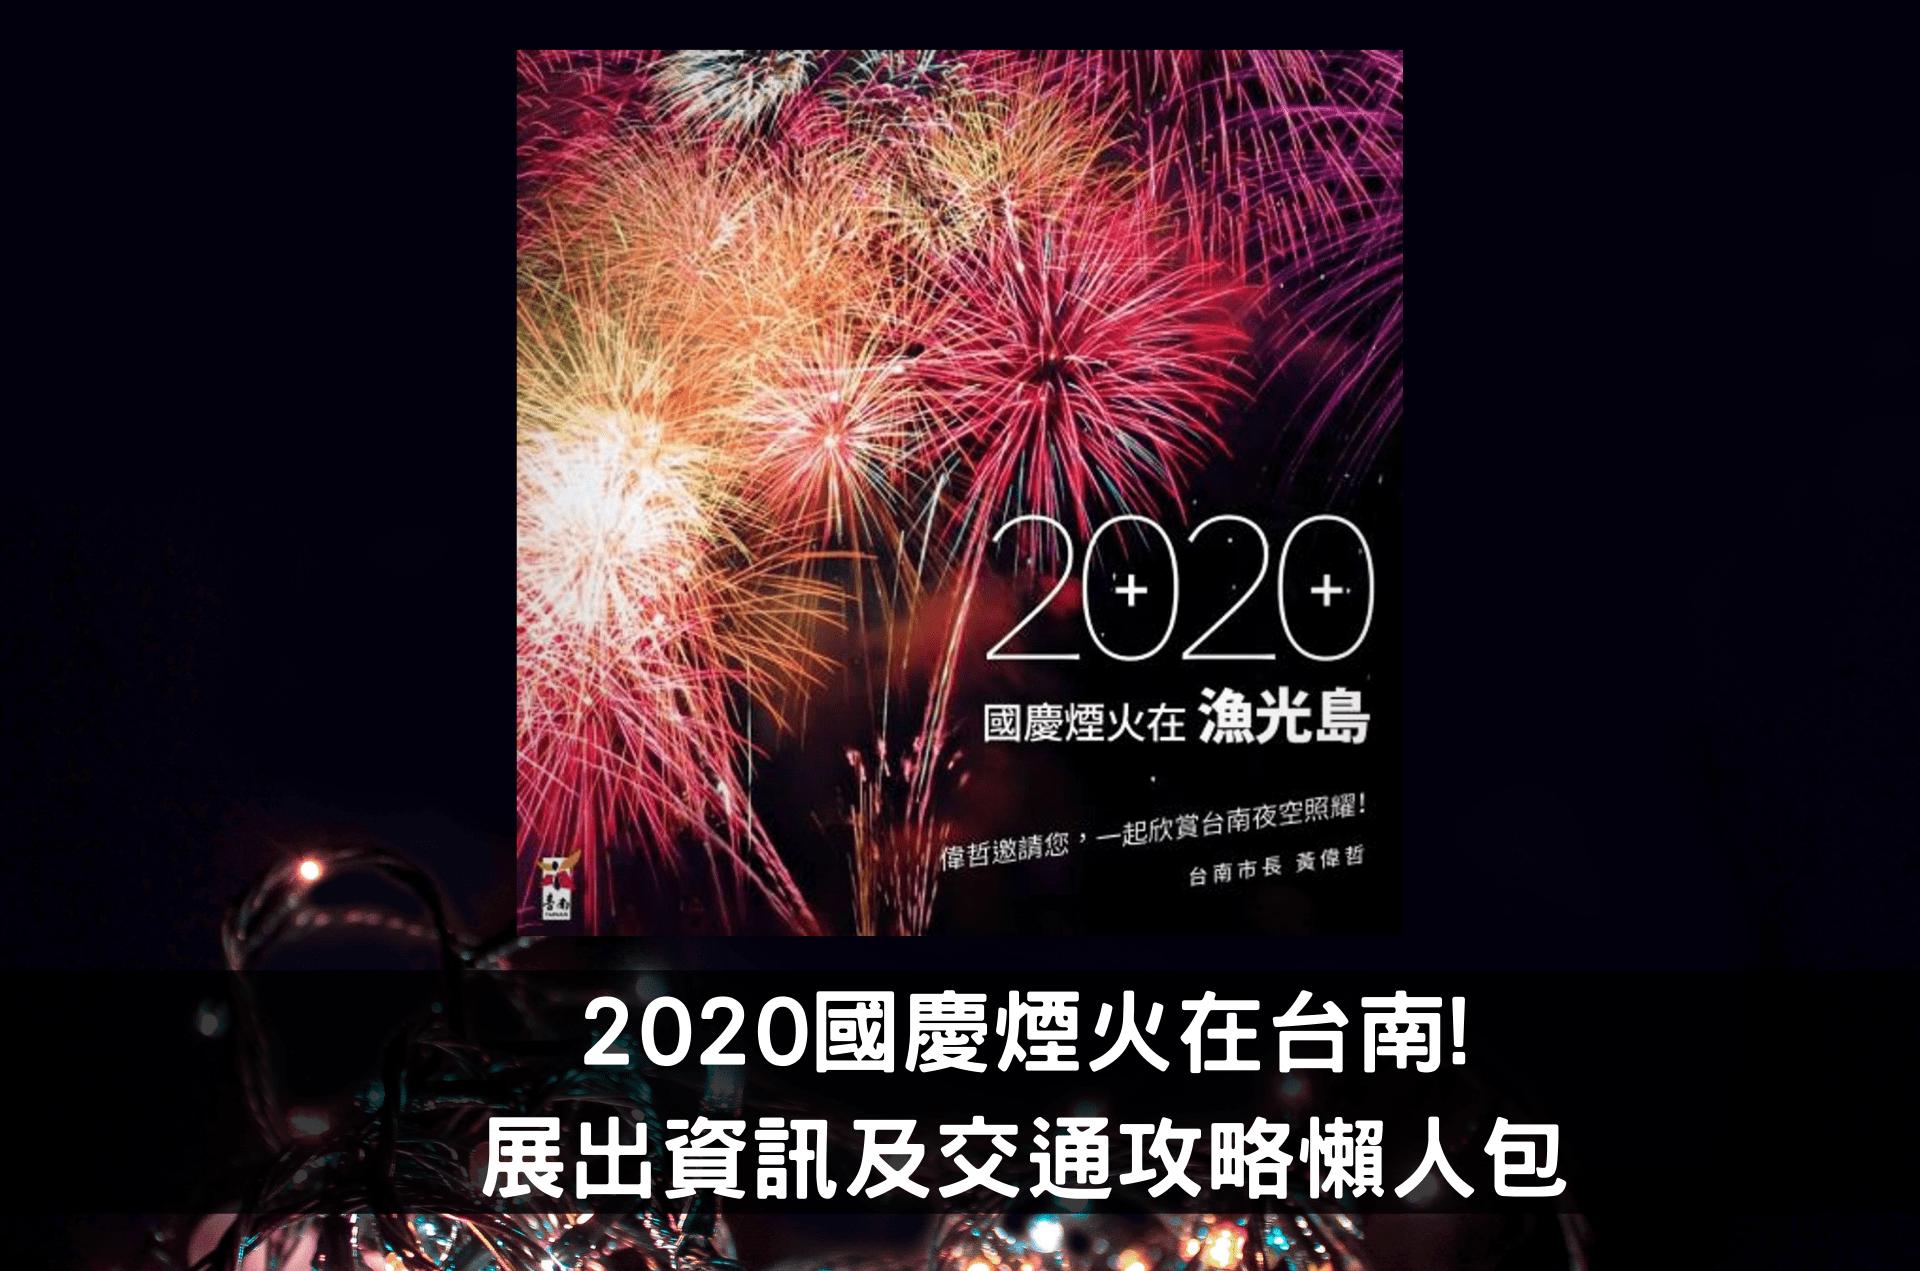 2020國慶煙火在台南!展出資訊及交通攻略懶人包